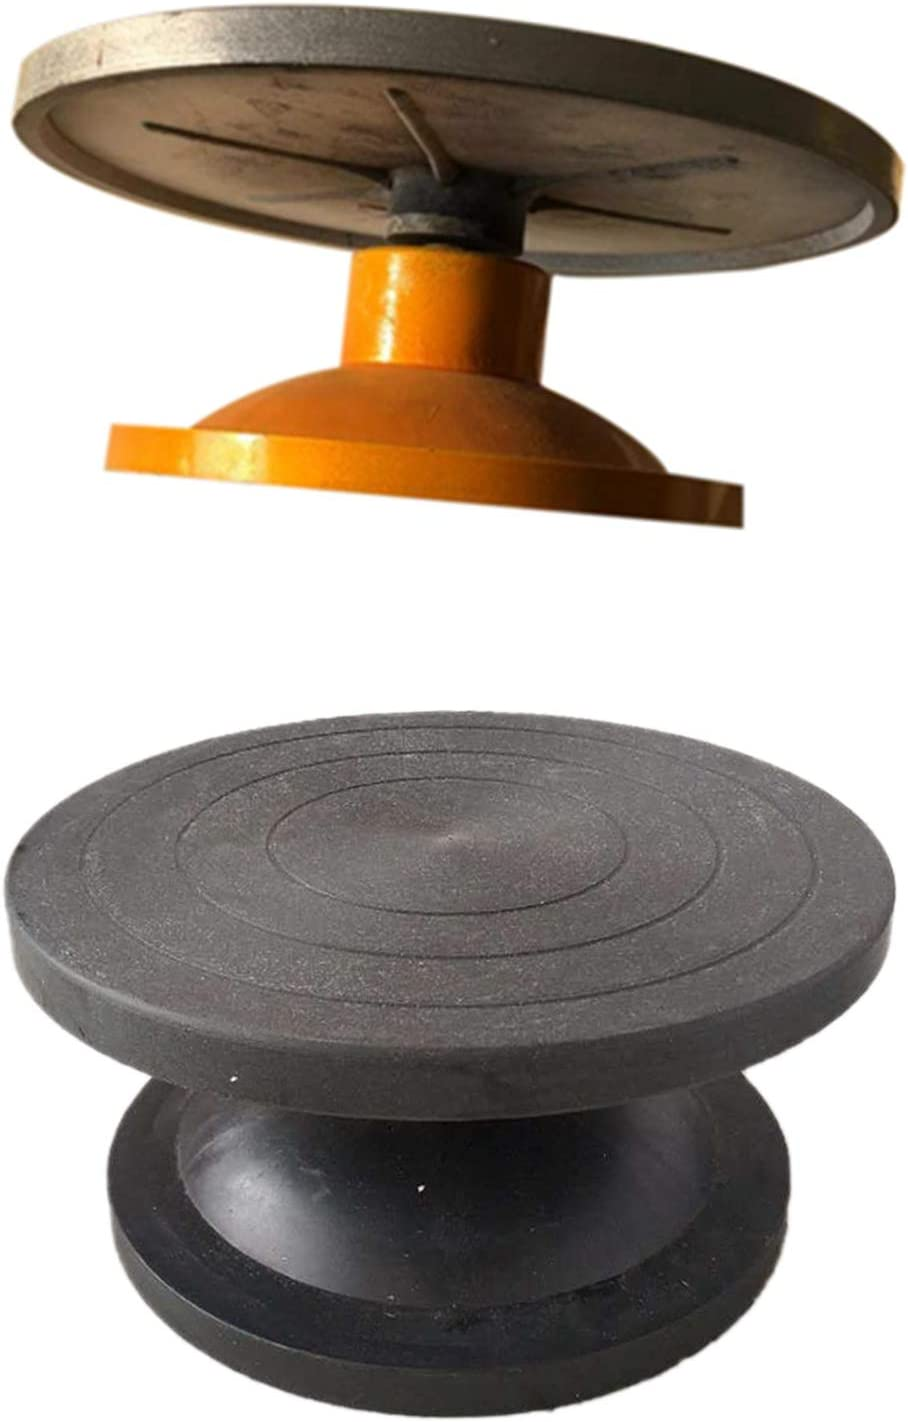 Cavis Table Tournante /à Roue Table Tournante Sculpture en Argile Mod/éLisation de la Poterie Manuel Multifonctionnel Table Tournante Table /à D/éCouper Table de Poterie Roue Noir